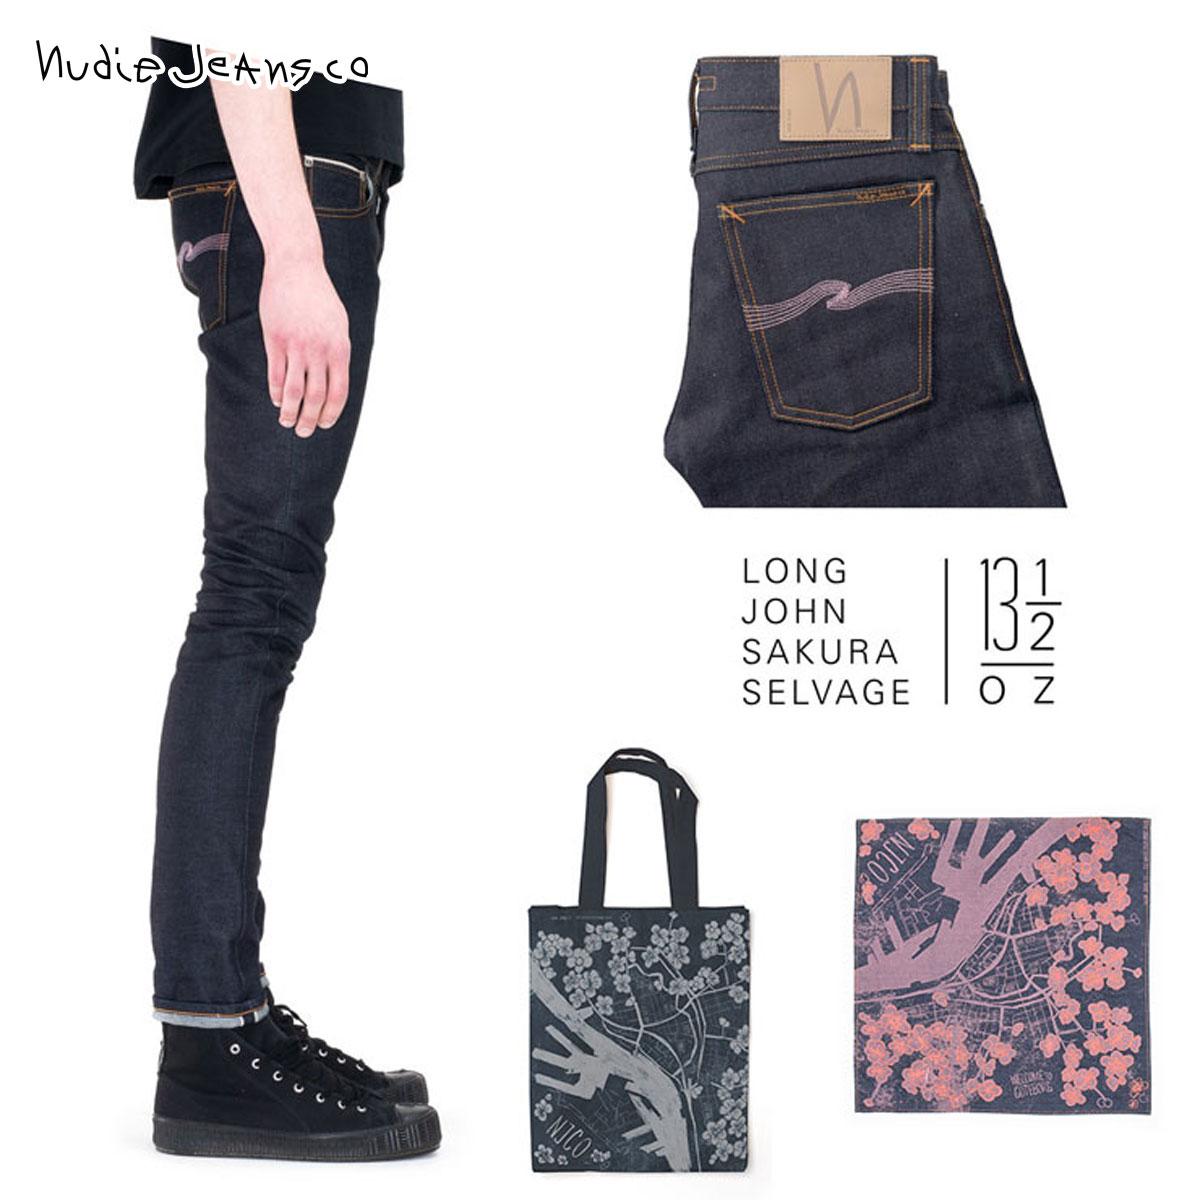 【販売期間 11/12 10:00~11/21 09:59】 ヌーディージーンズ Nudie Jeans 正規販売店 メンズ ジーンズ ヌーディージーンズ Long John Sakura Selvage - Japanese Selvage Denim Made In Italy D00S15